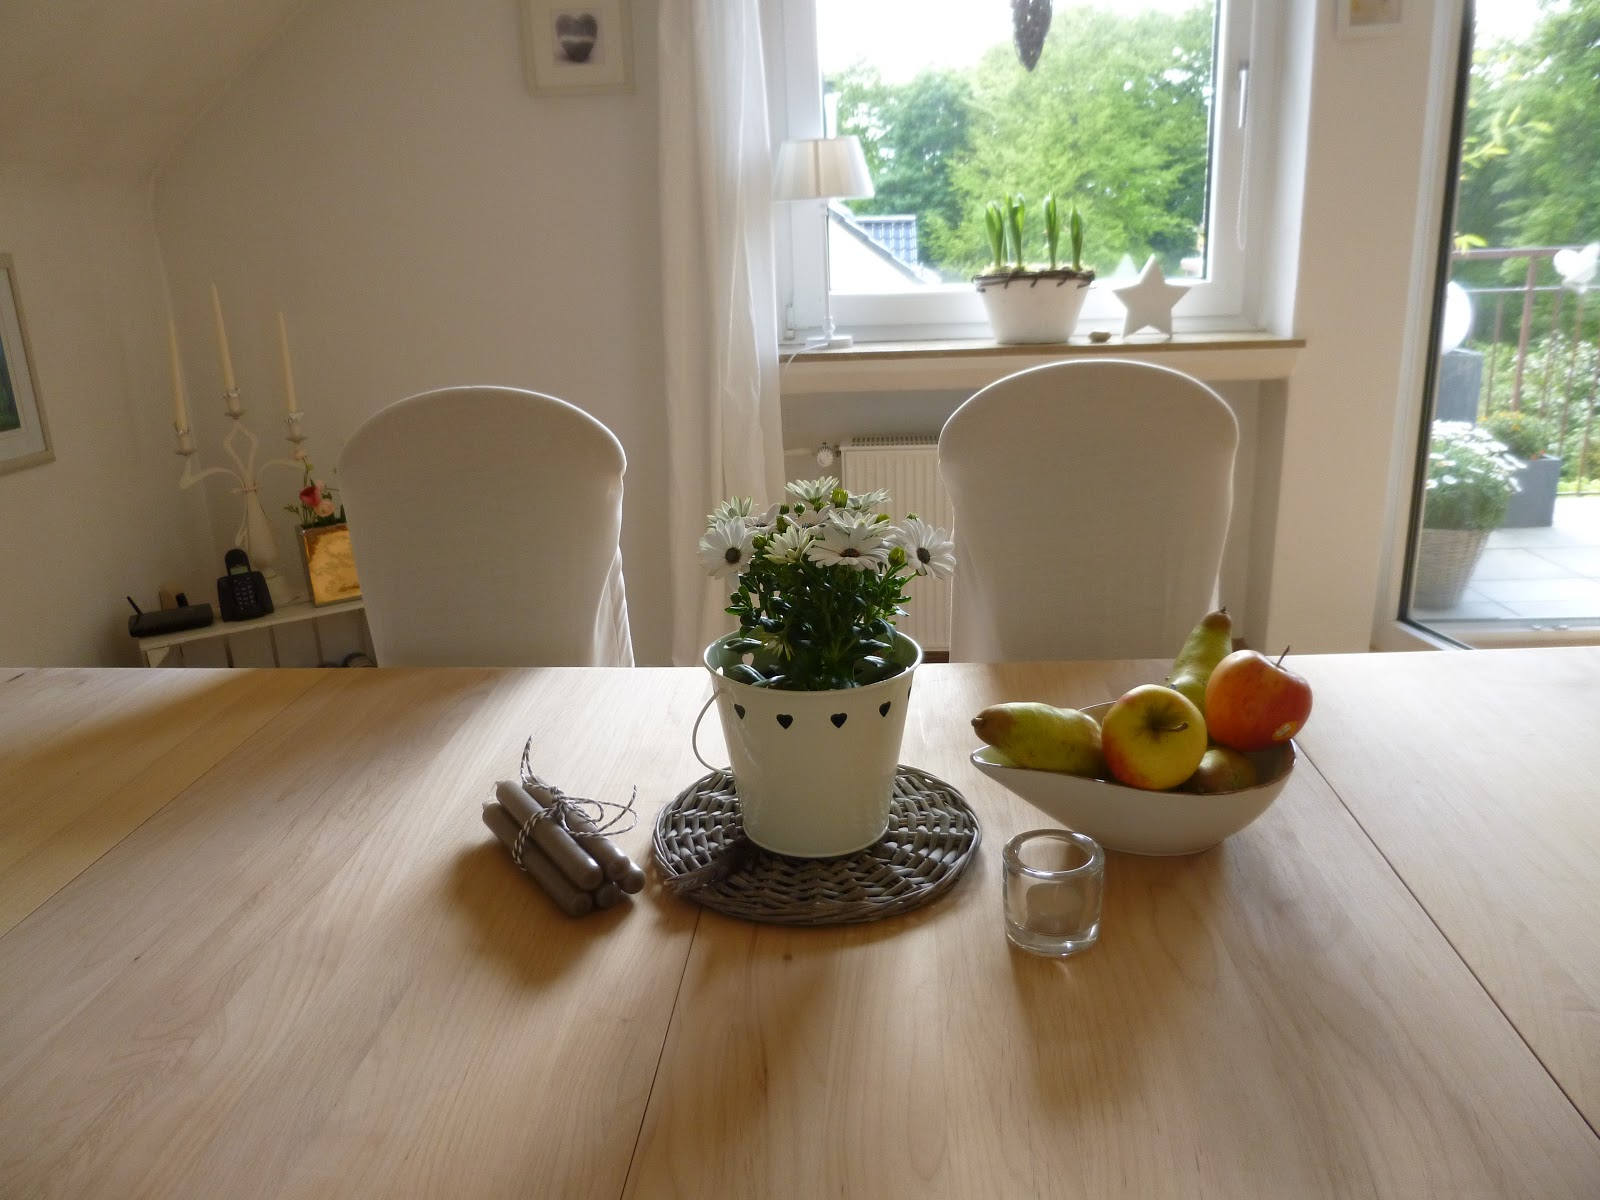 heidekind ende der tisch aktion. Black Bedroom Furniture Sets. Home Design Ideas